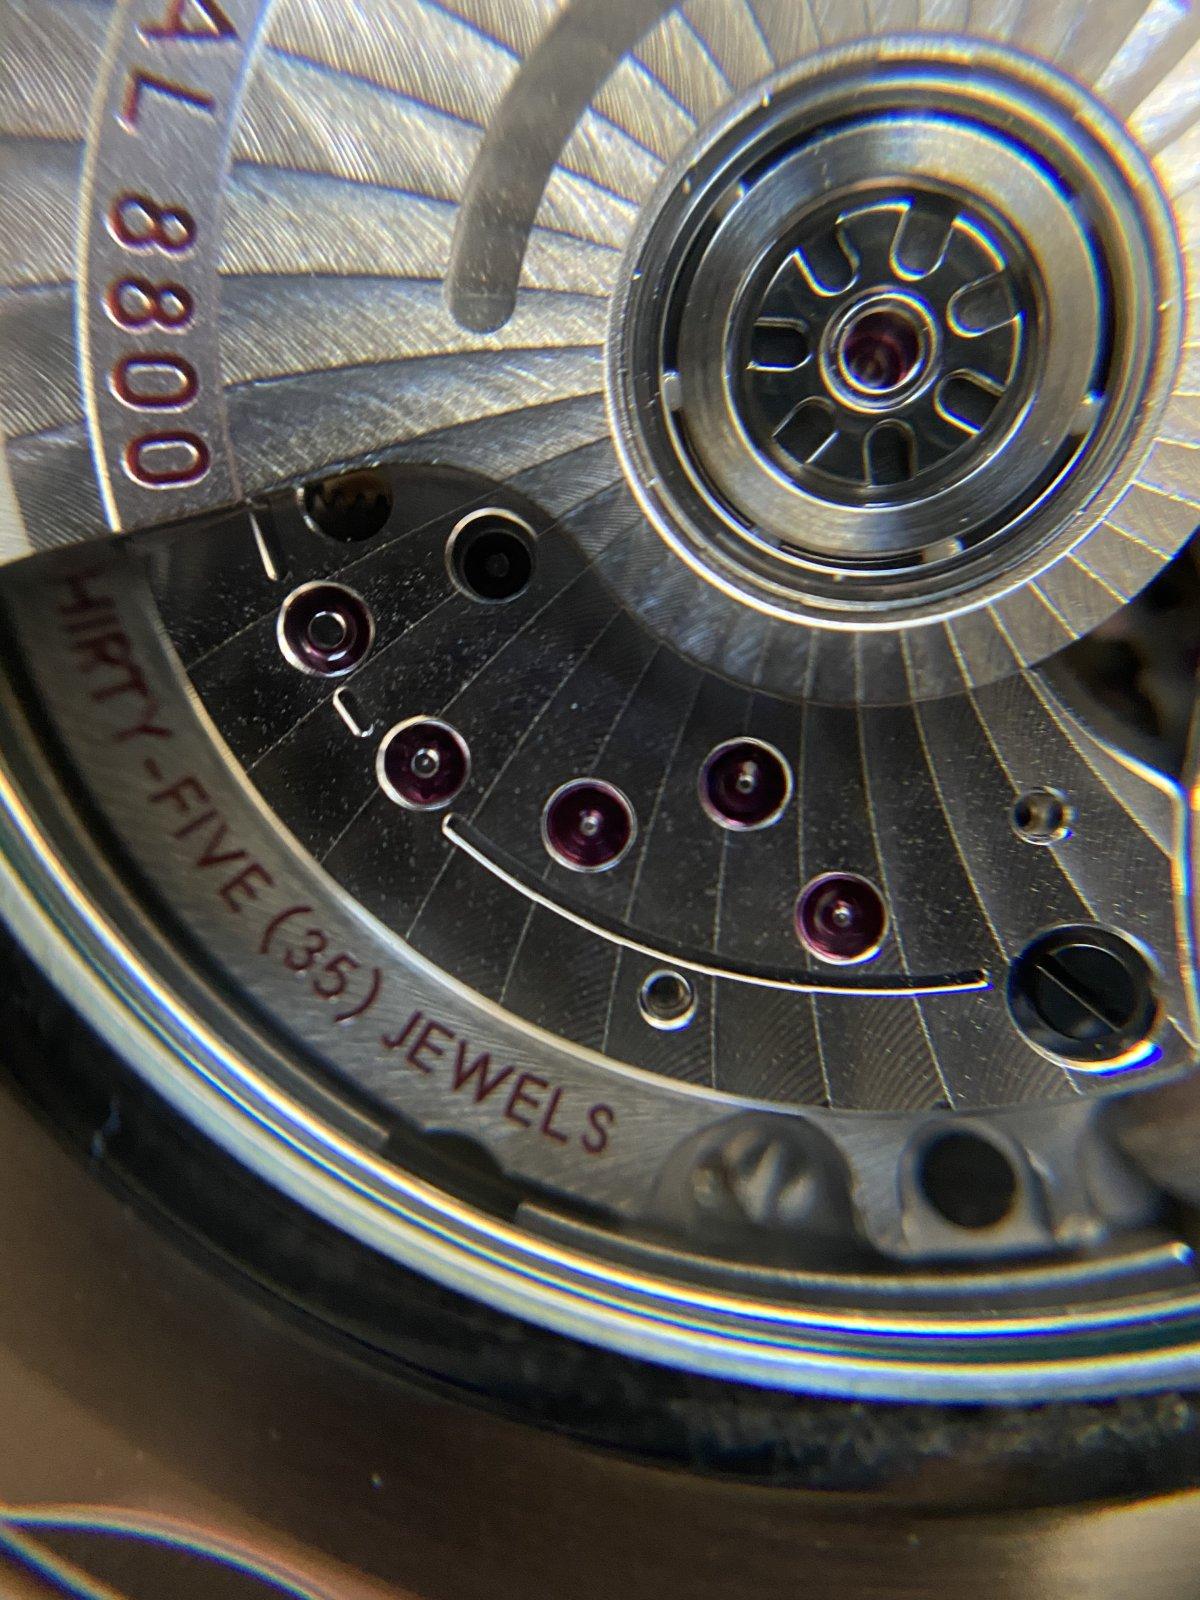 DA7D5970-A6C8-4836-93D3-B4676CC0C29F.jpeg